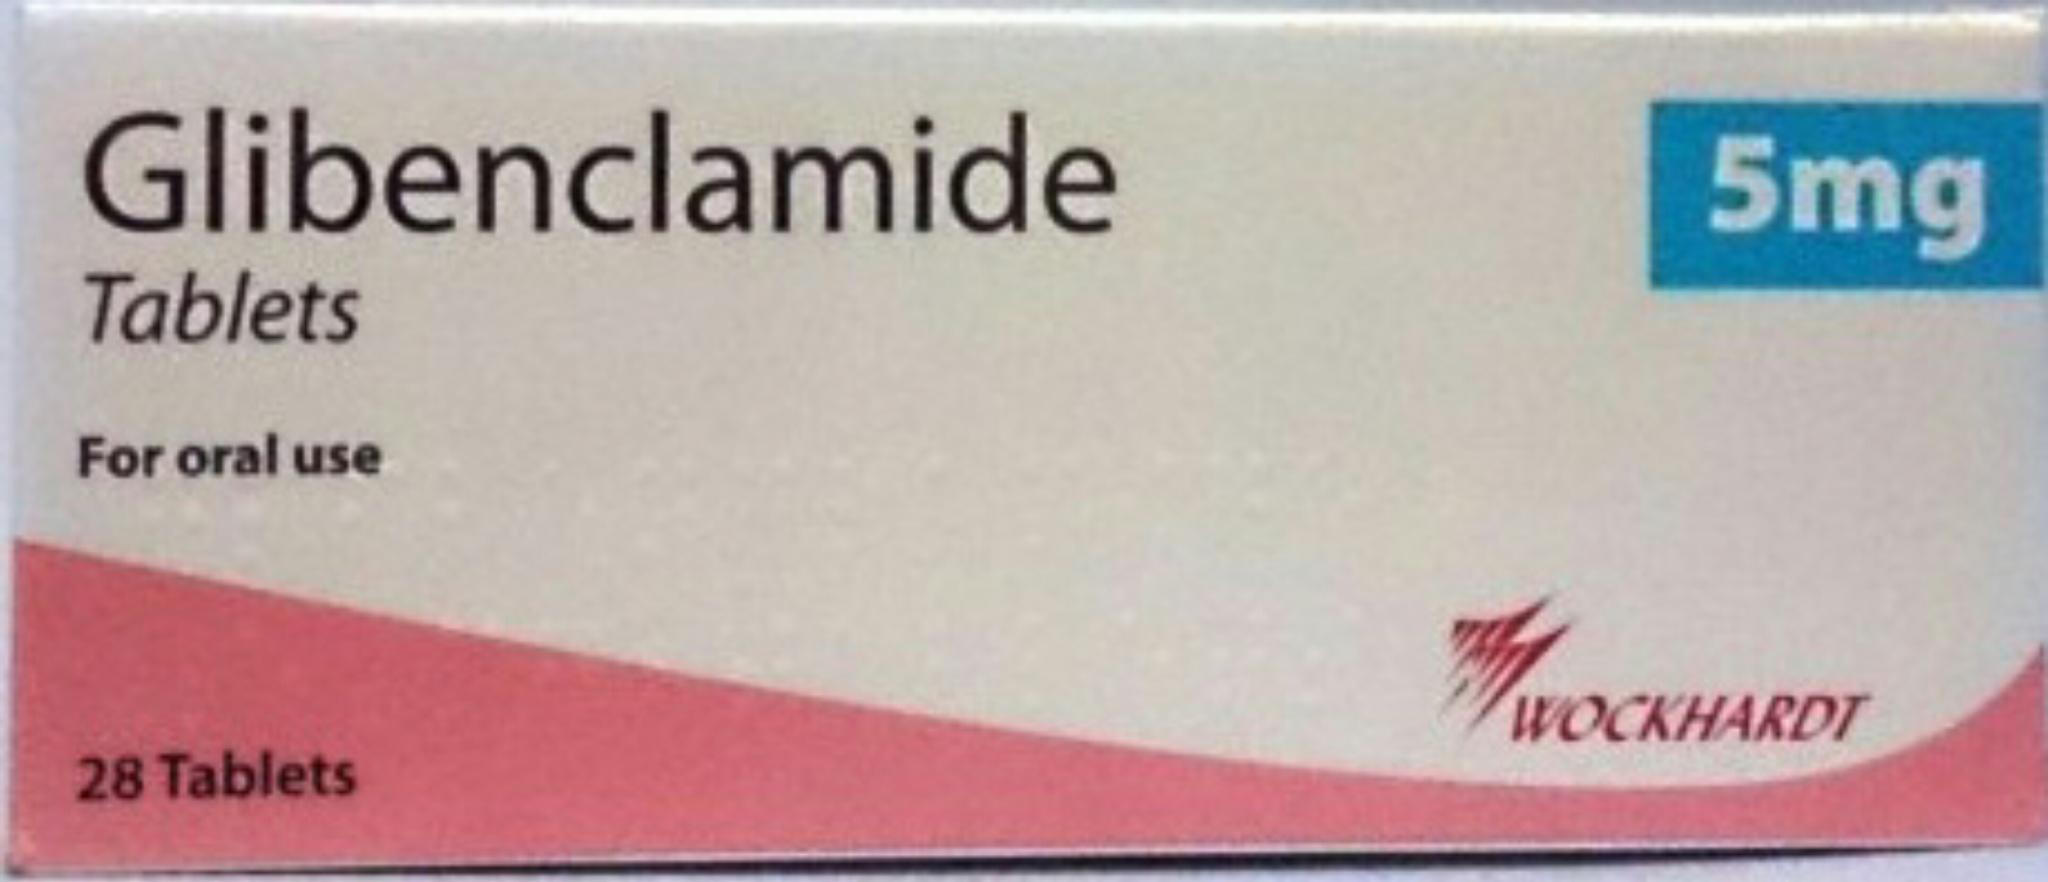 Glibenclamide umuti ukoreshwa n'abarwayi ba diyabete